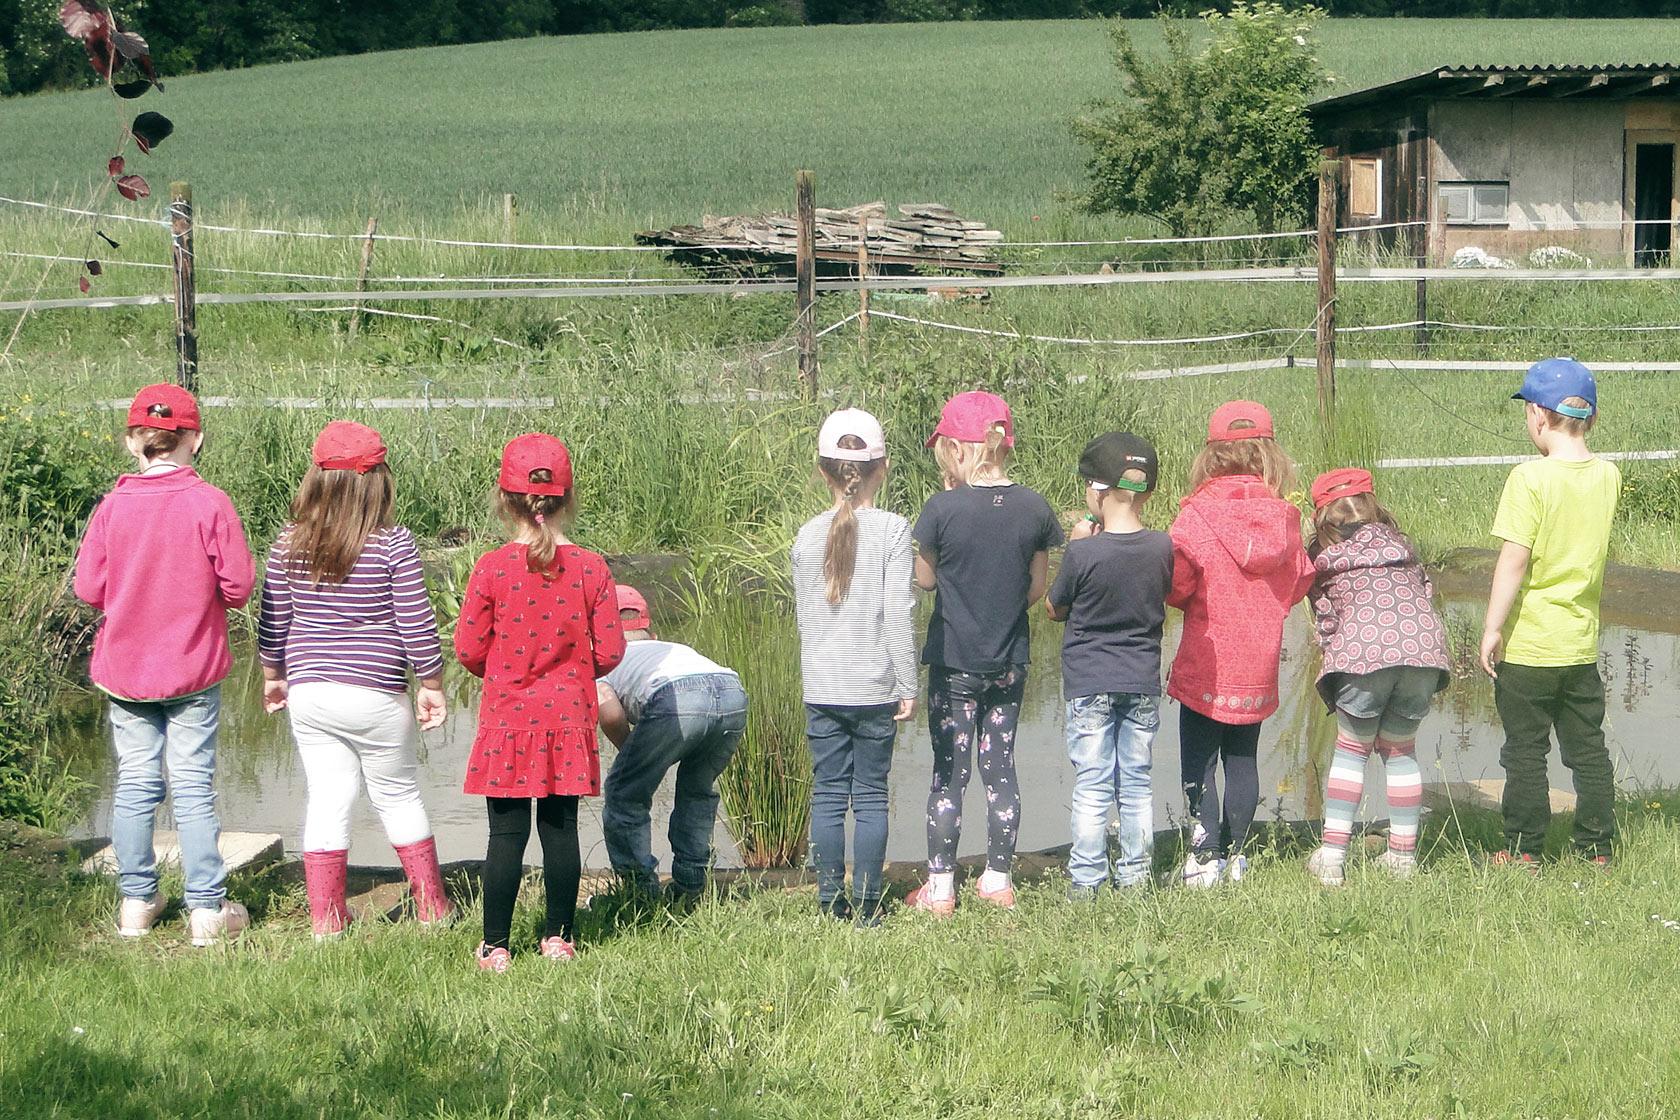 Kinder sind von hinten zu sehen, wie sie das Leben in einem Tümpel beobachten.